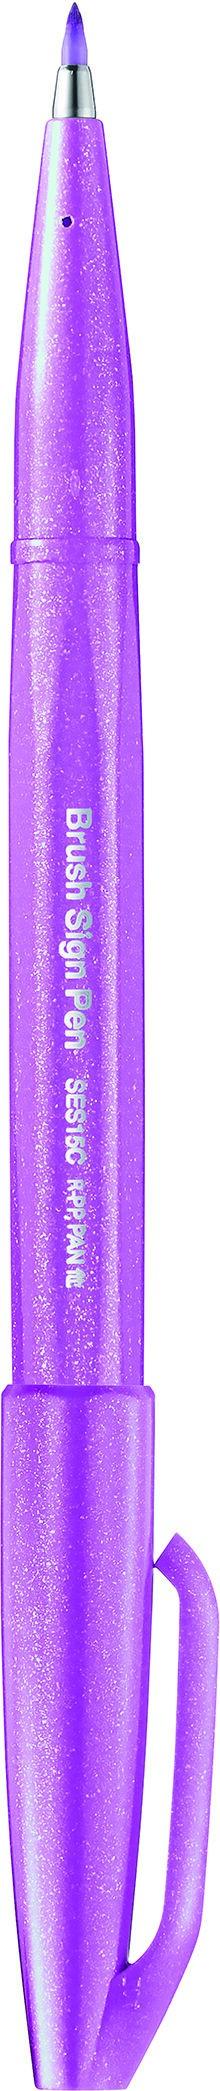 Pentel Sign pen - Feutre pinceau à pointe souple - mauve